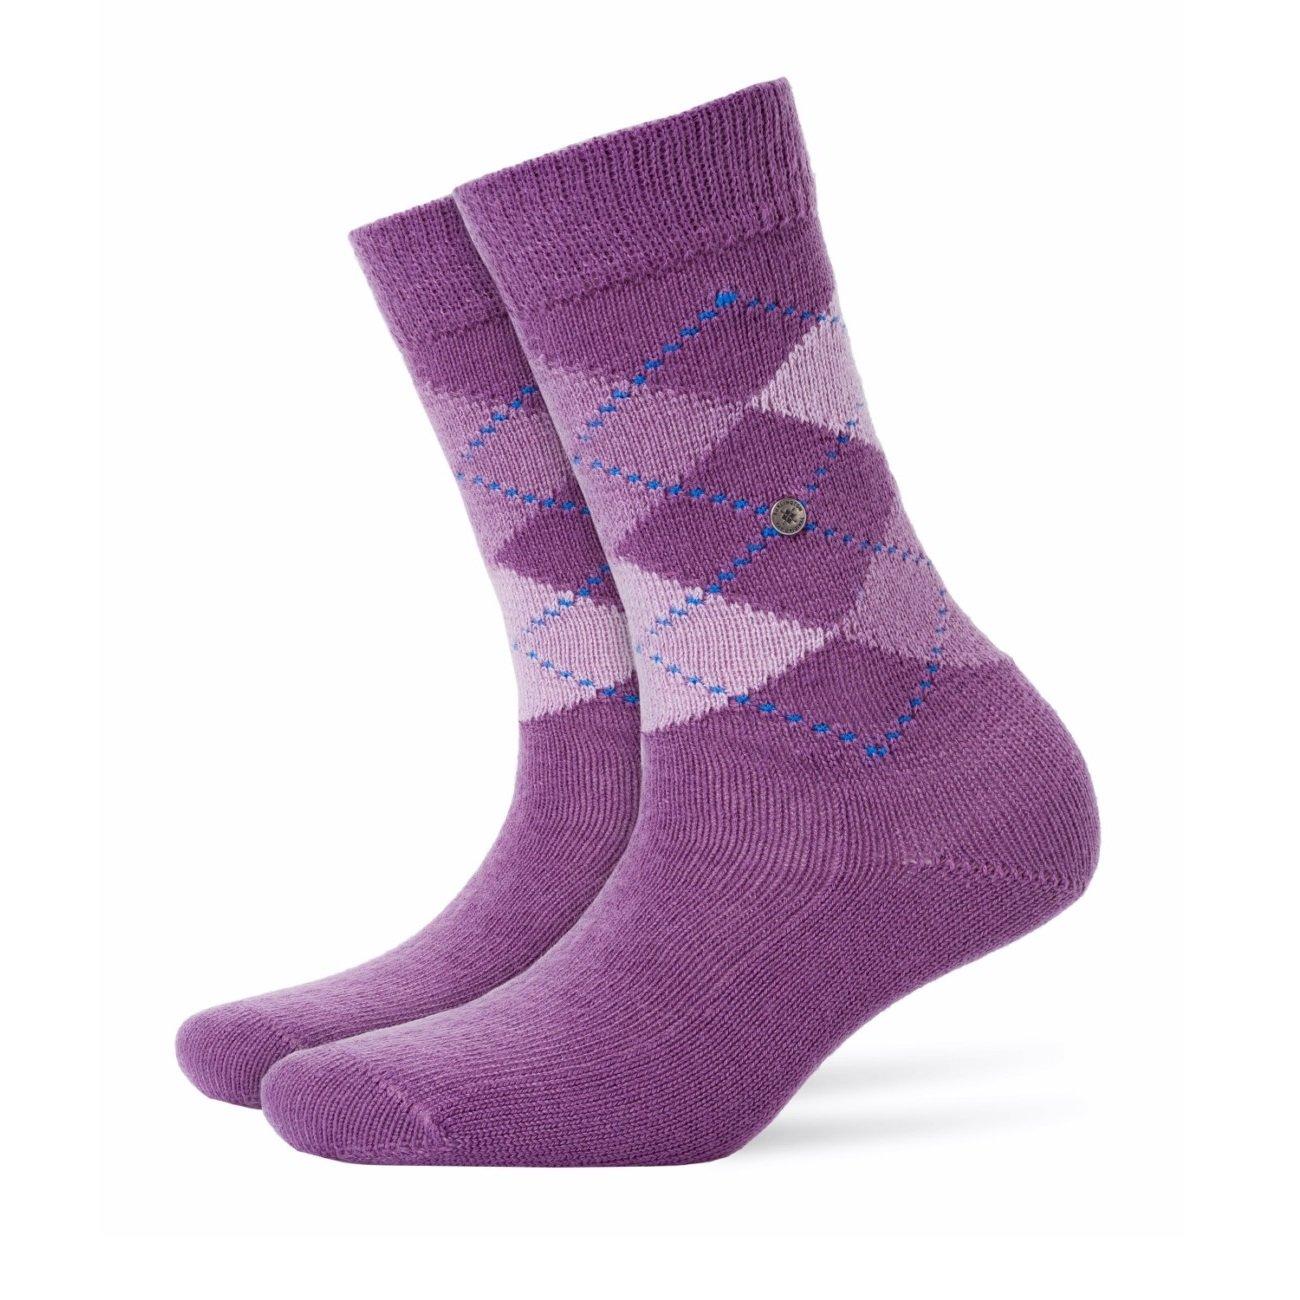 Womens 22082 Knitted 5 DEN Socks Burlington Hot Sale For Sale meqlIyT